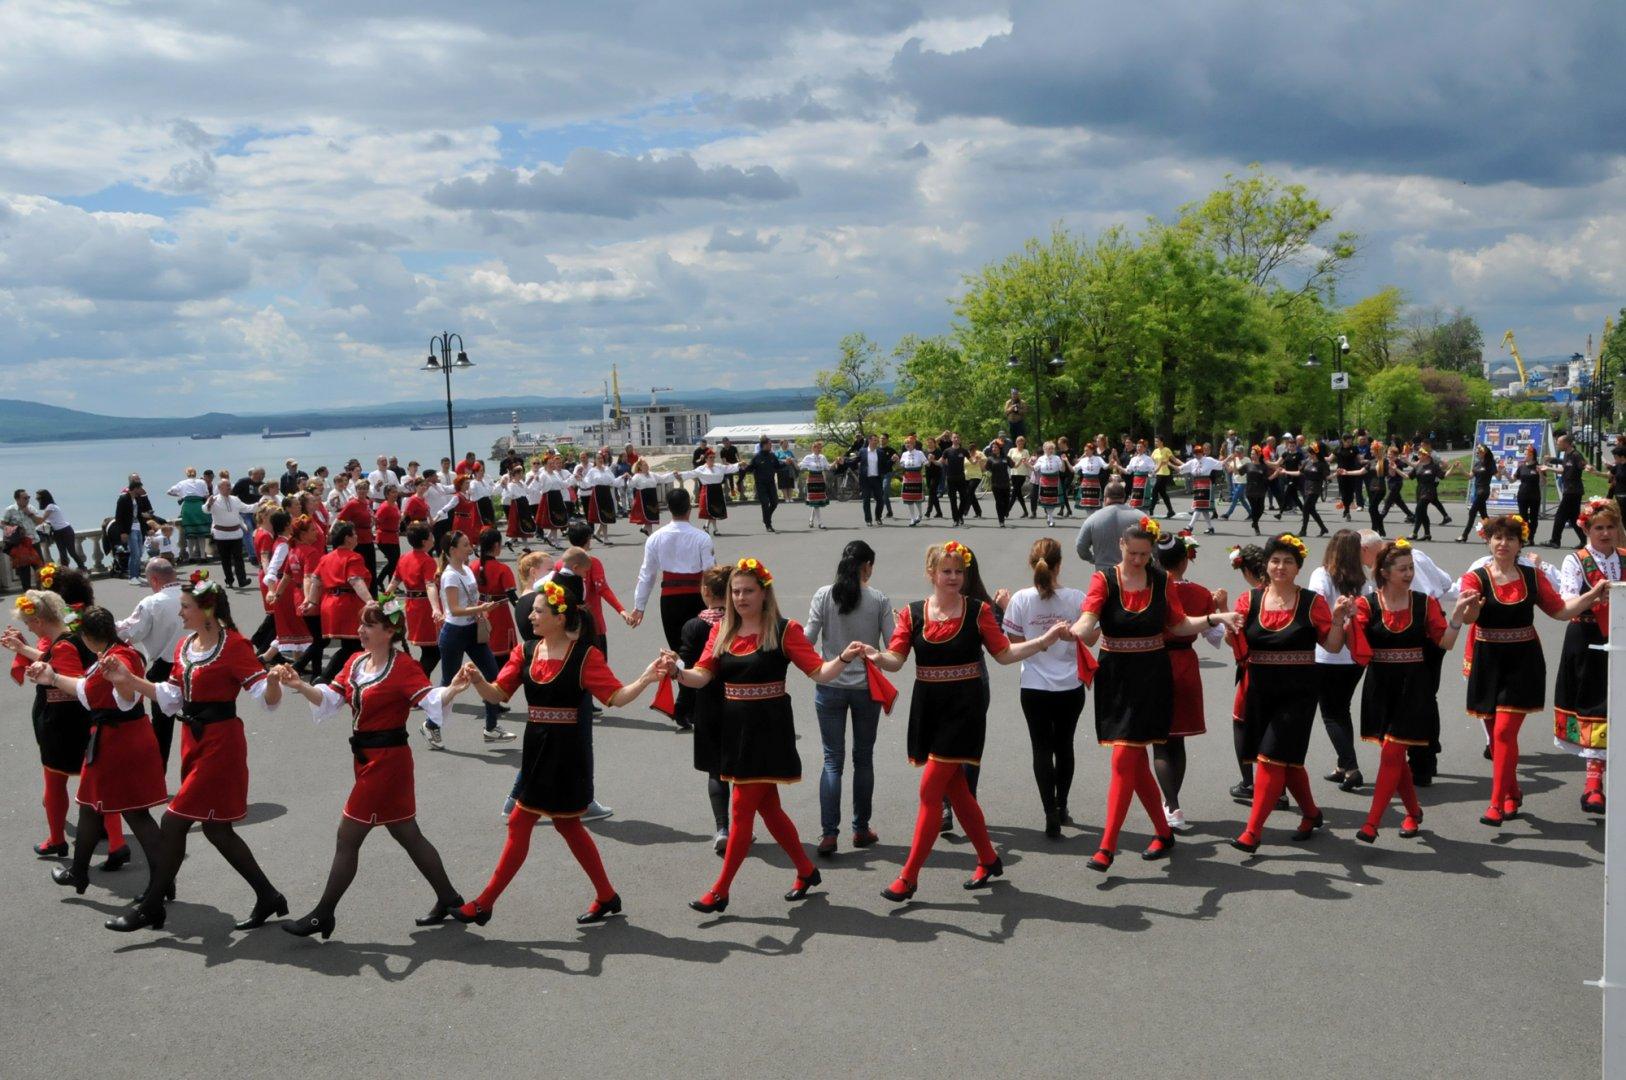 Танцьори от 13 фолклорни ансамбли се включиха в Поведи хорото в Бургас. Снимки Лина Главинова